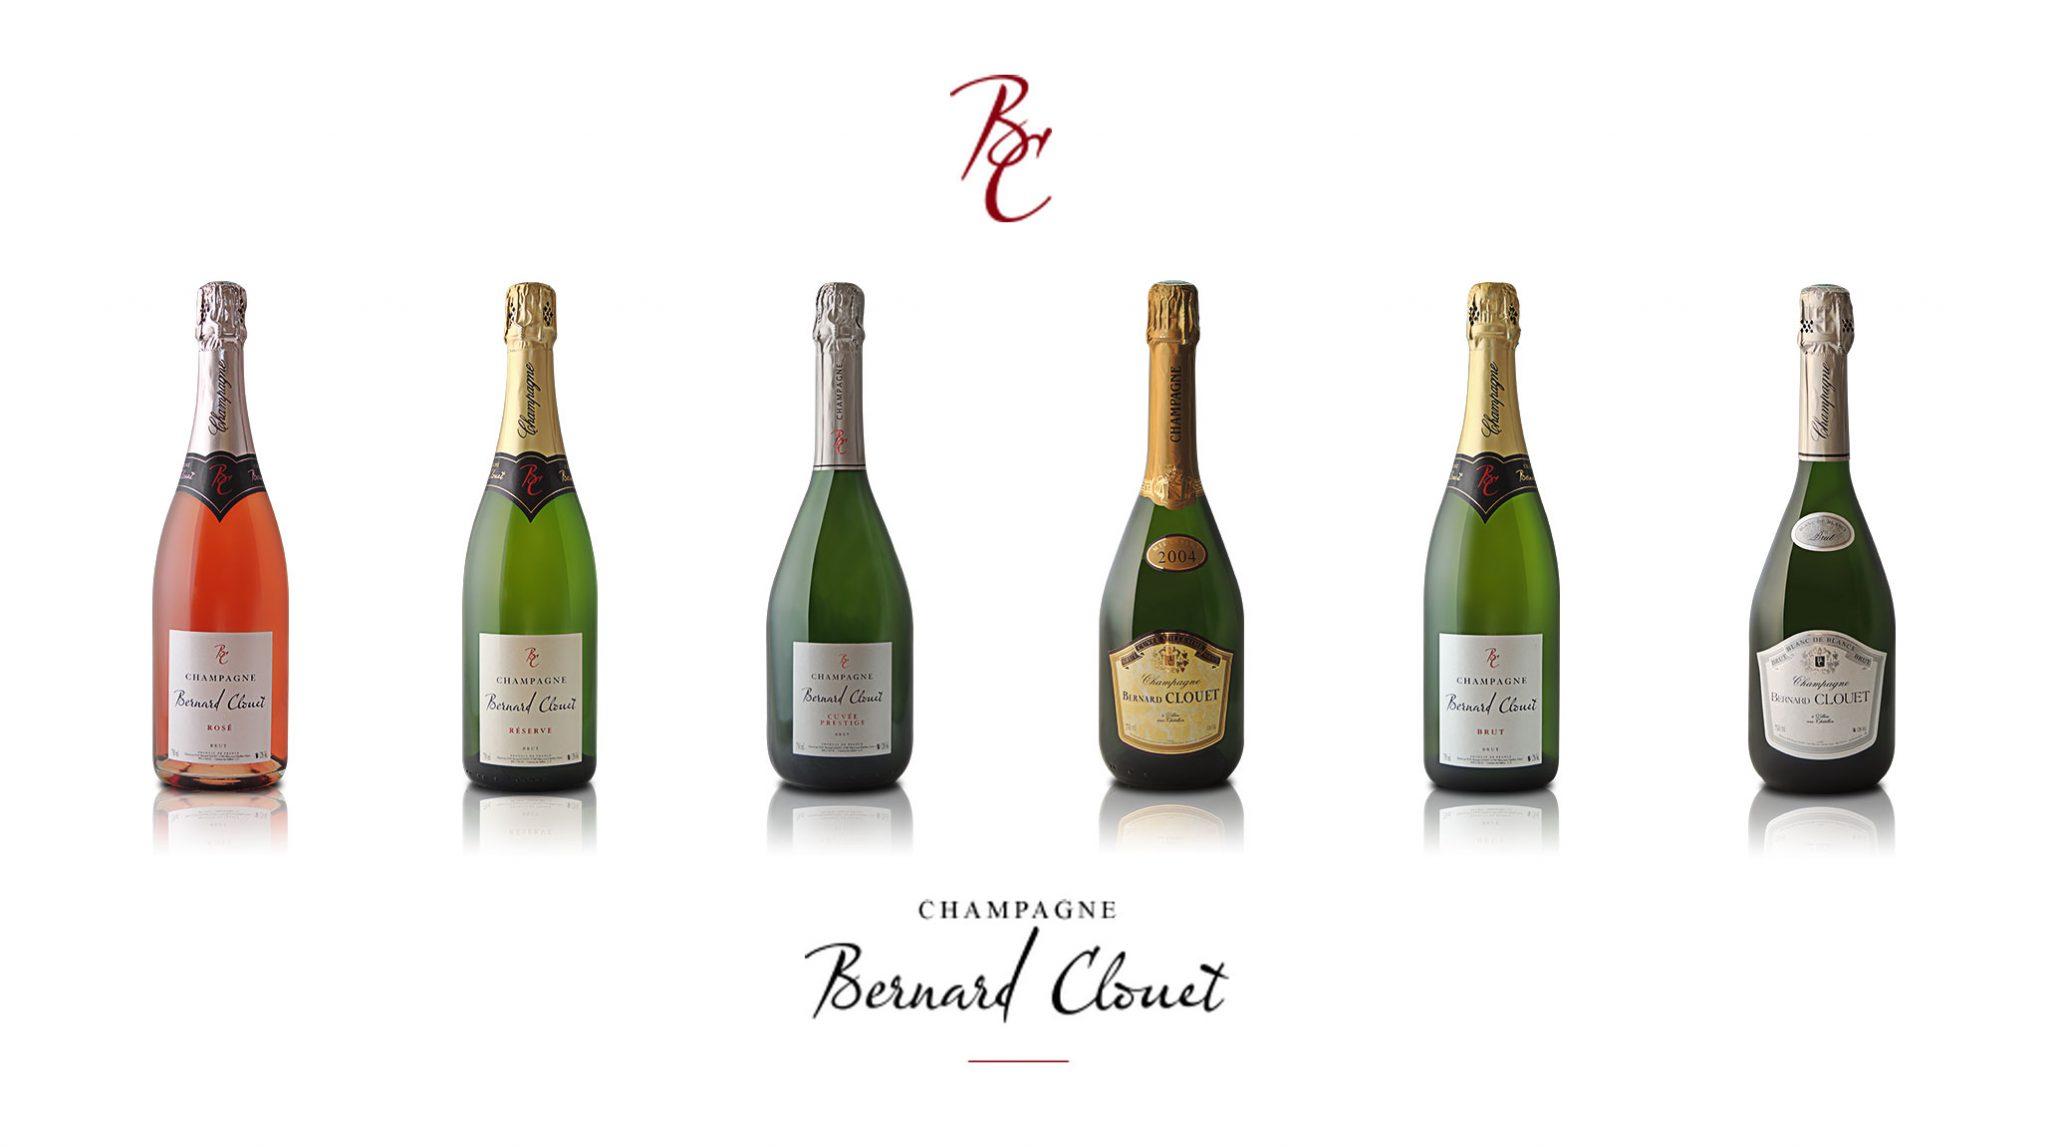 Champagne Bernard Clouet